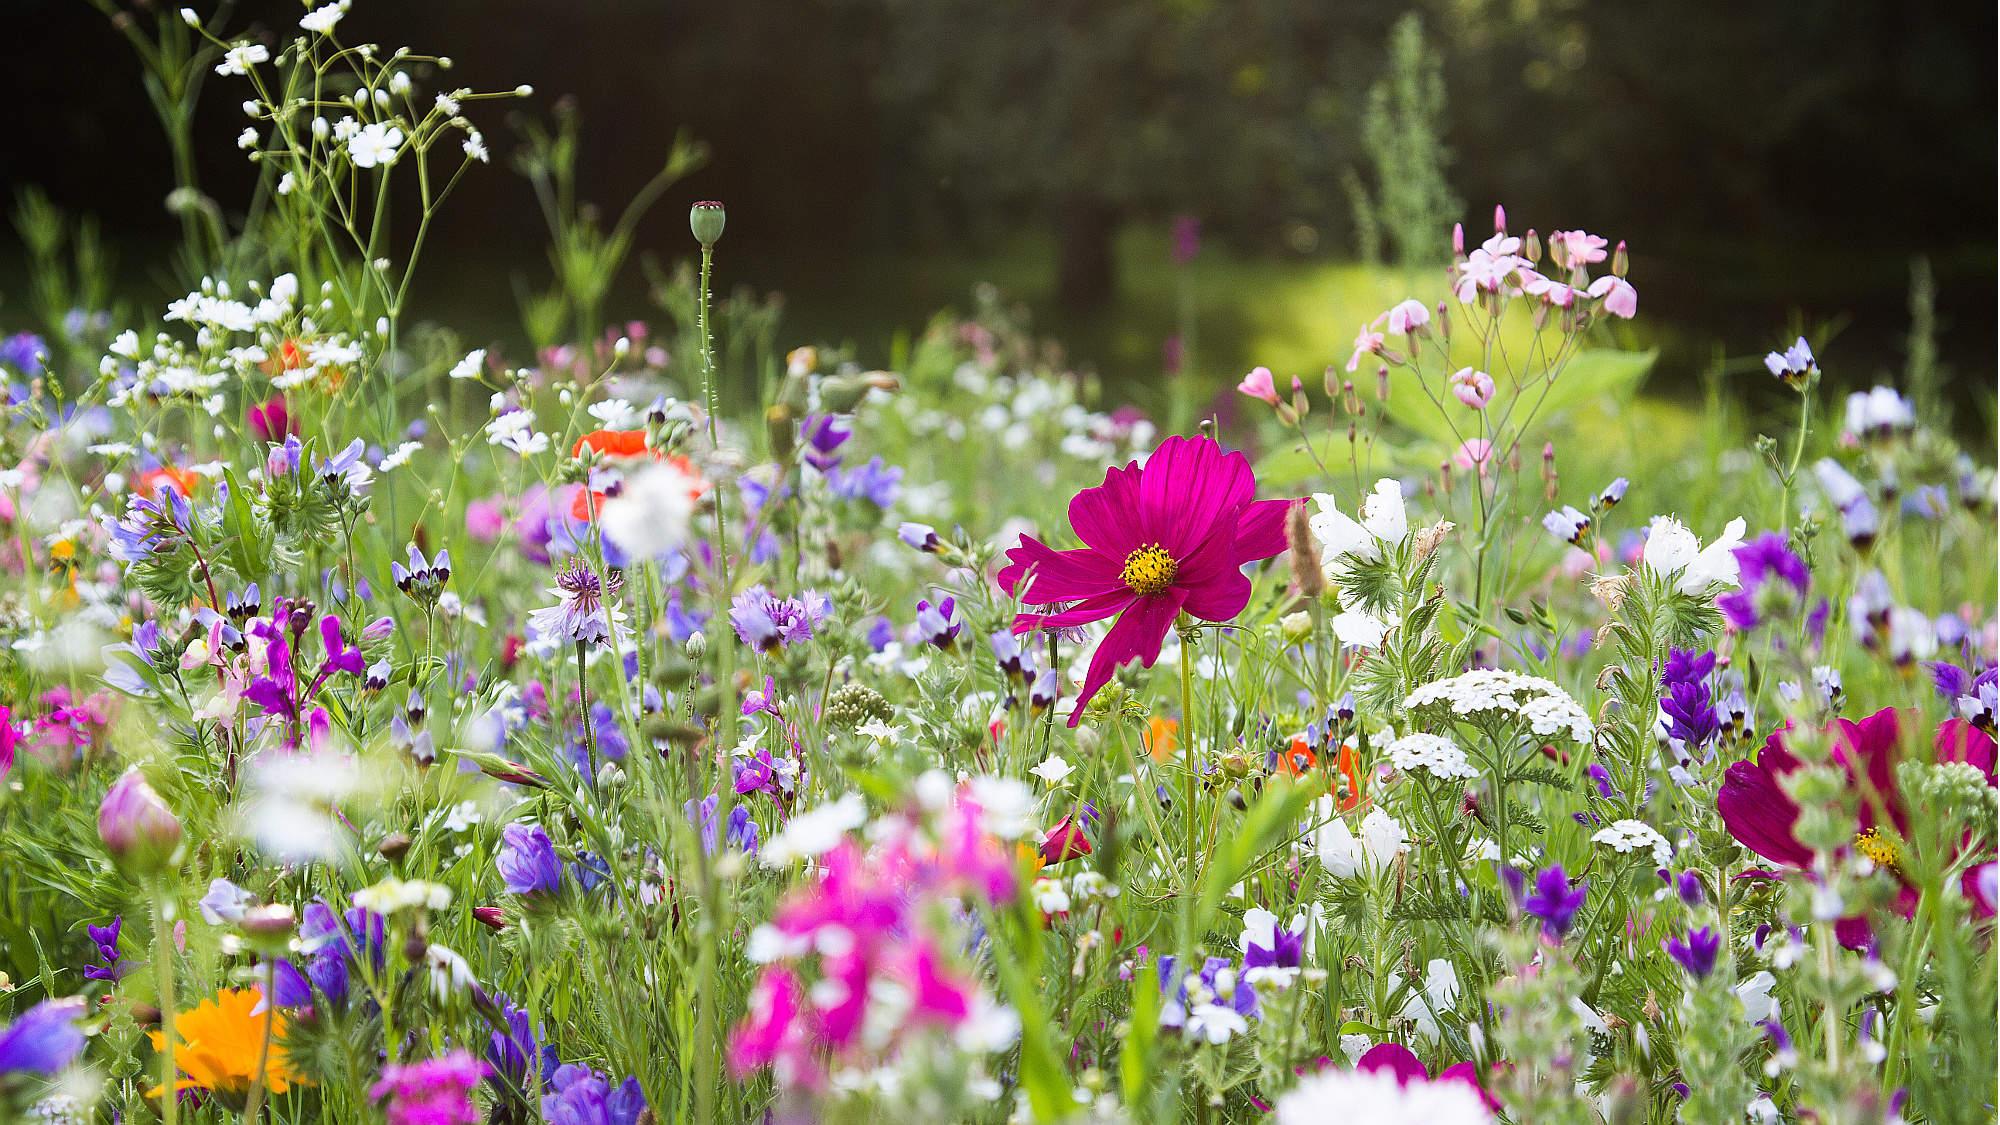 W Rawiczu posiano siedem łąk kwietnych  - Zdjęcie główne